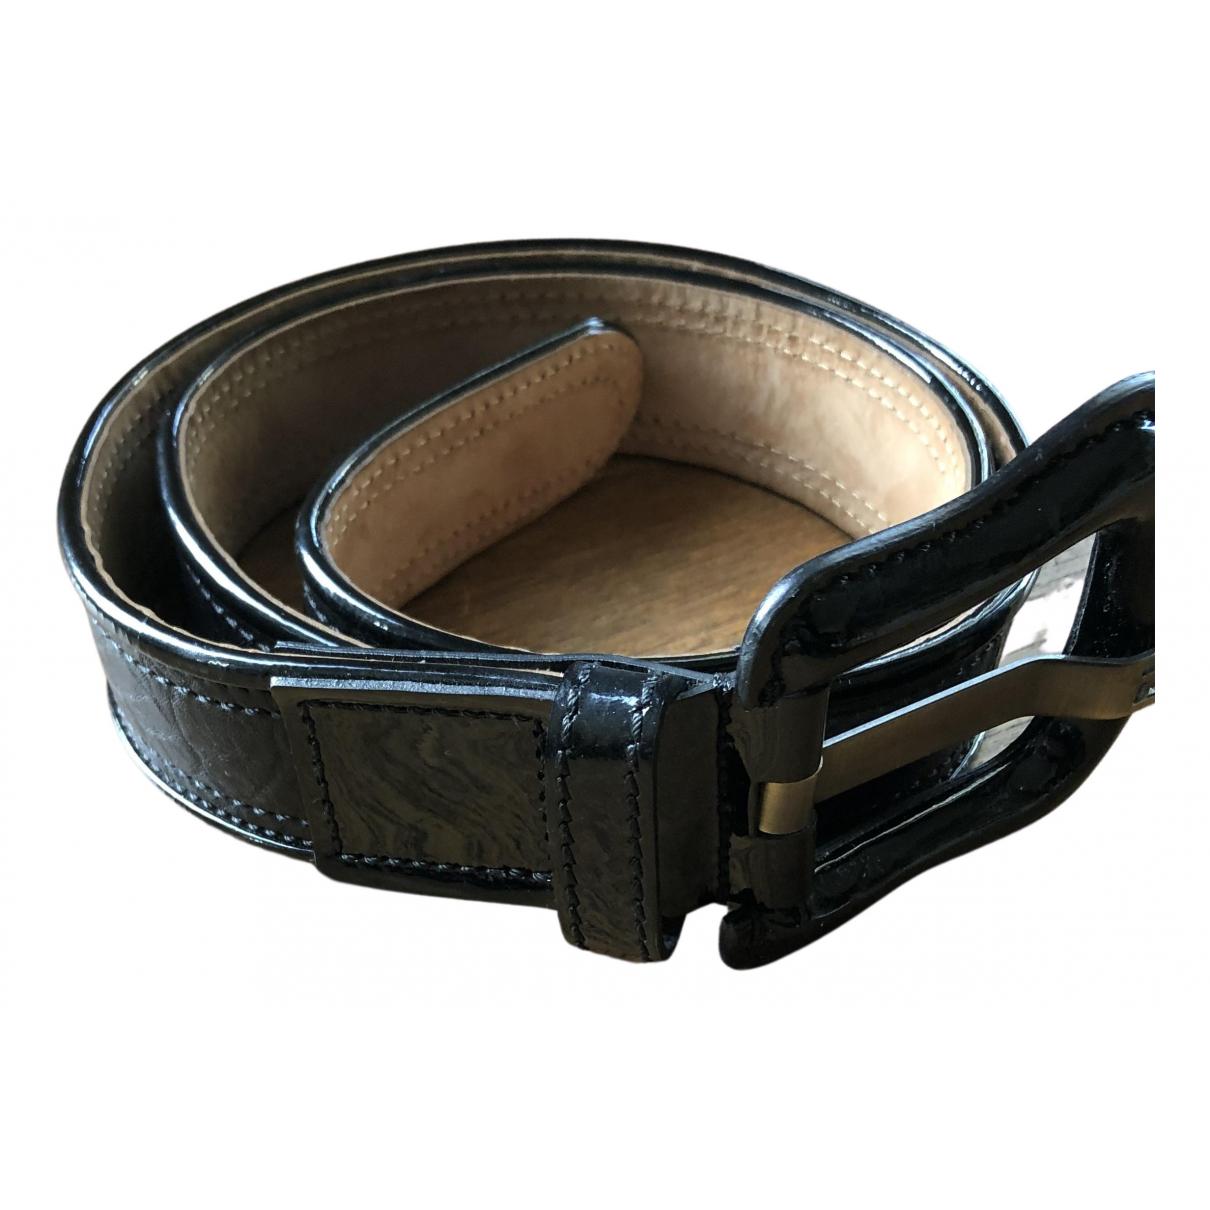 Fendi N Black Leather belt for Women 90 cm